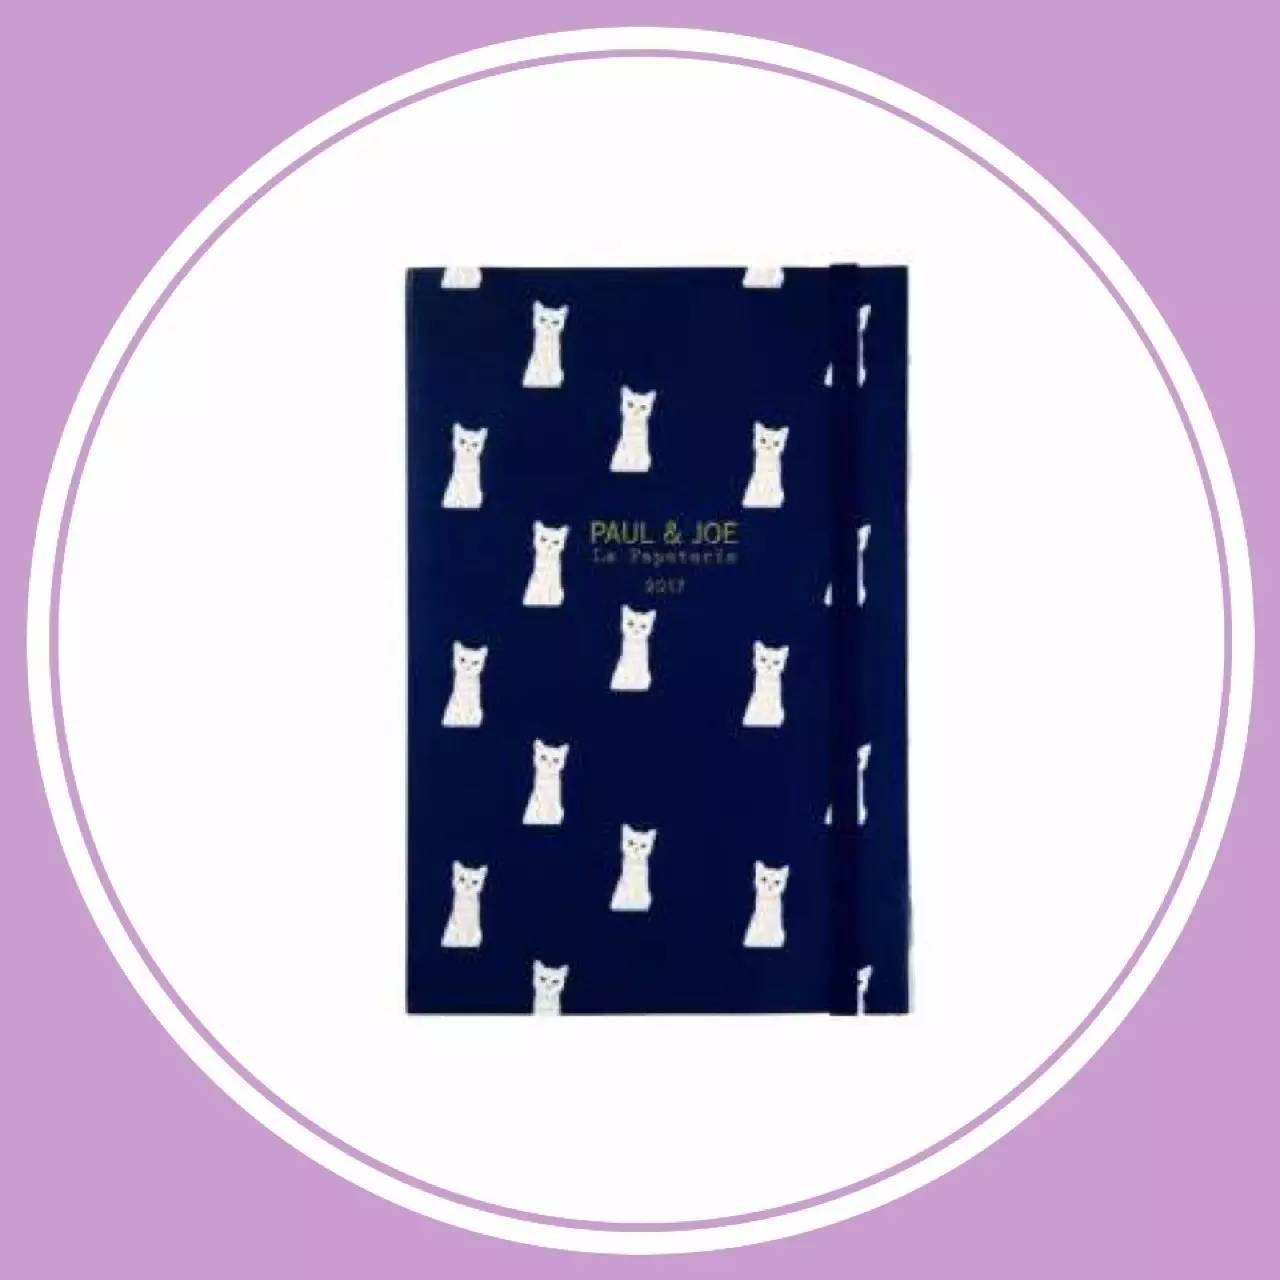 有一款猫咪封面的笔记本,深蓝色作底,上面印着斜行排列的白色小猫咪